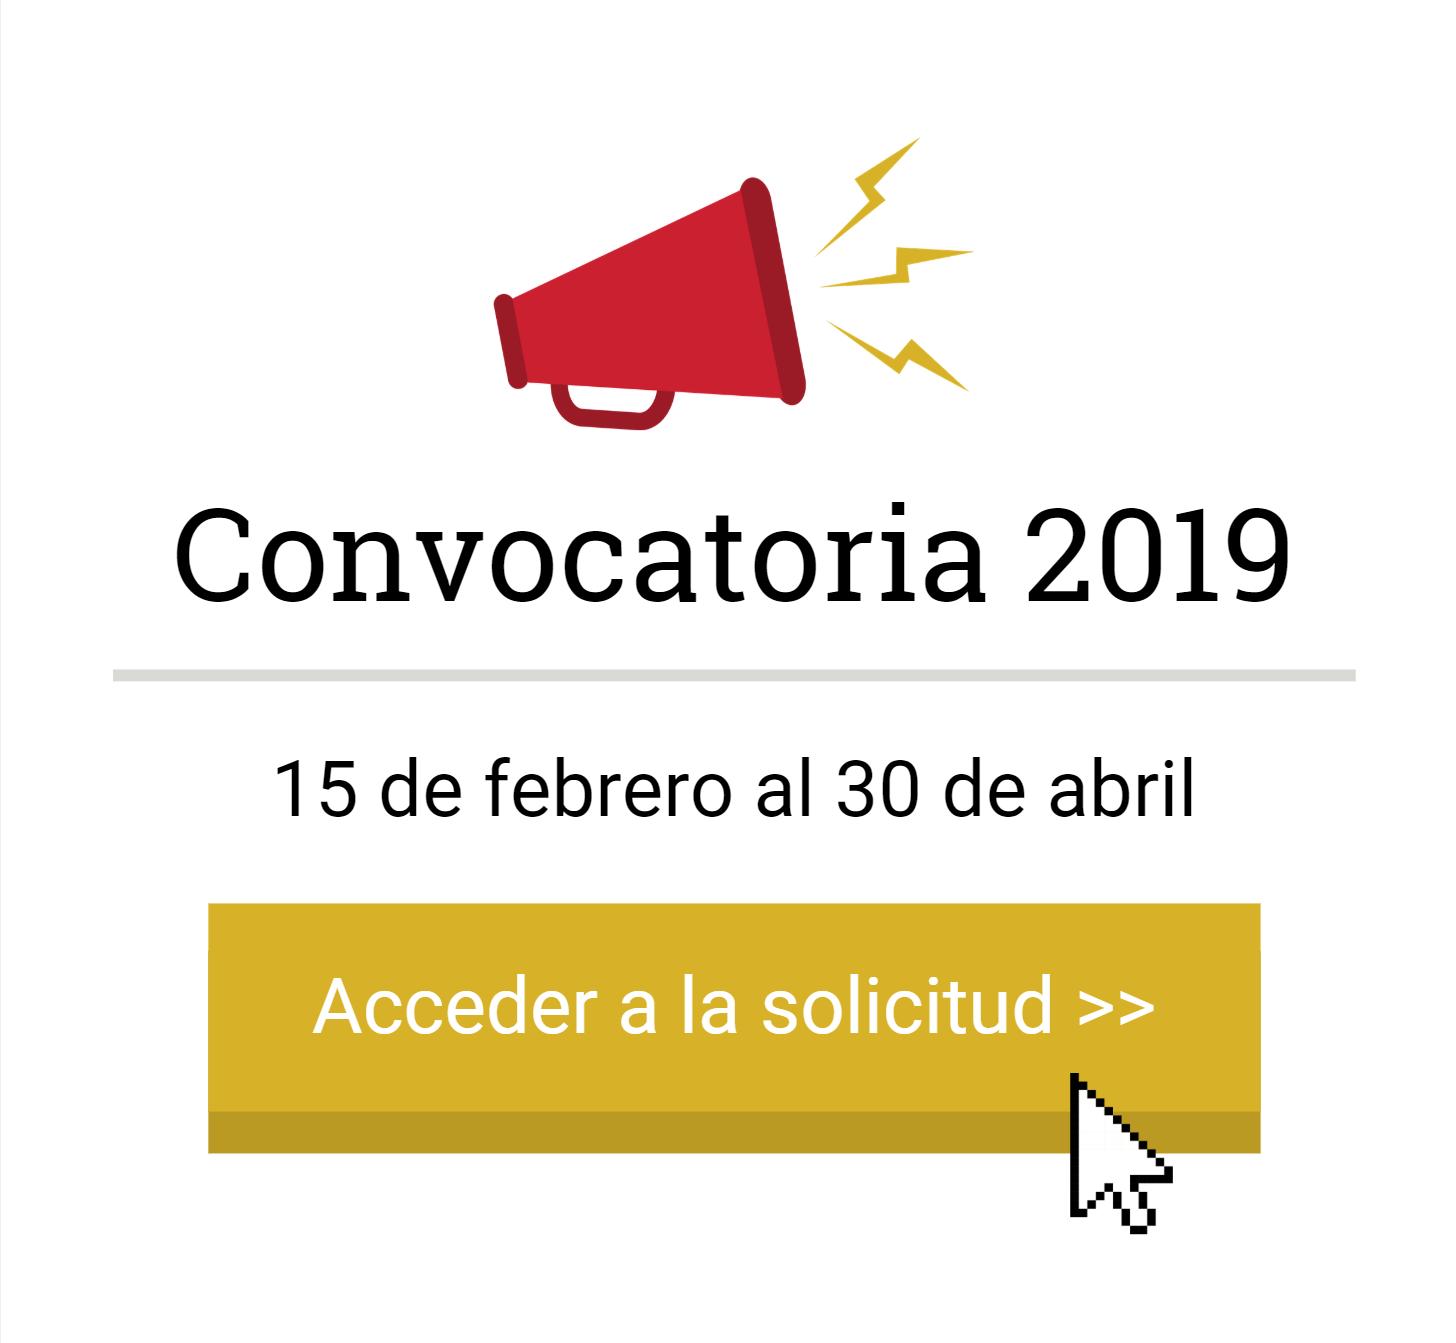 Convocatoria 2019: 15 de febrero al 30 de abril